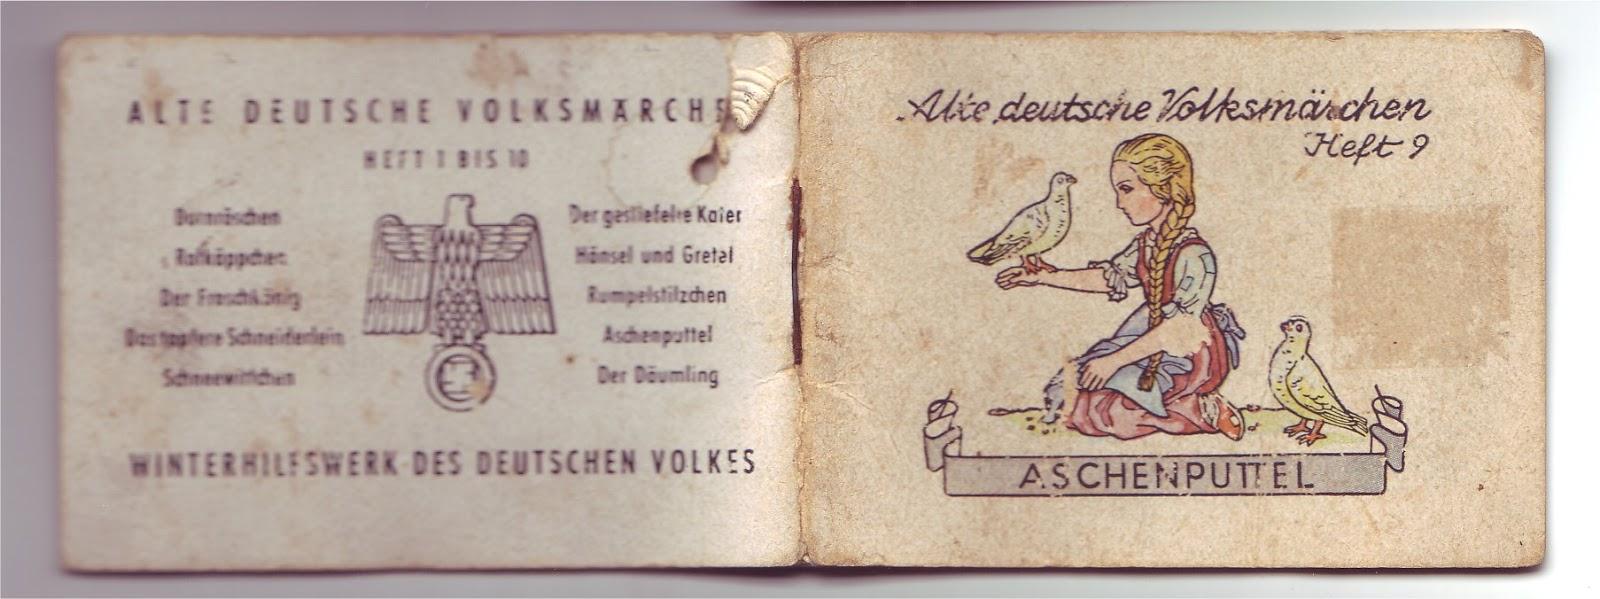 aschenputtel sketch text pdf